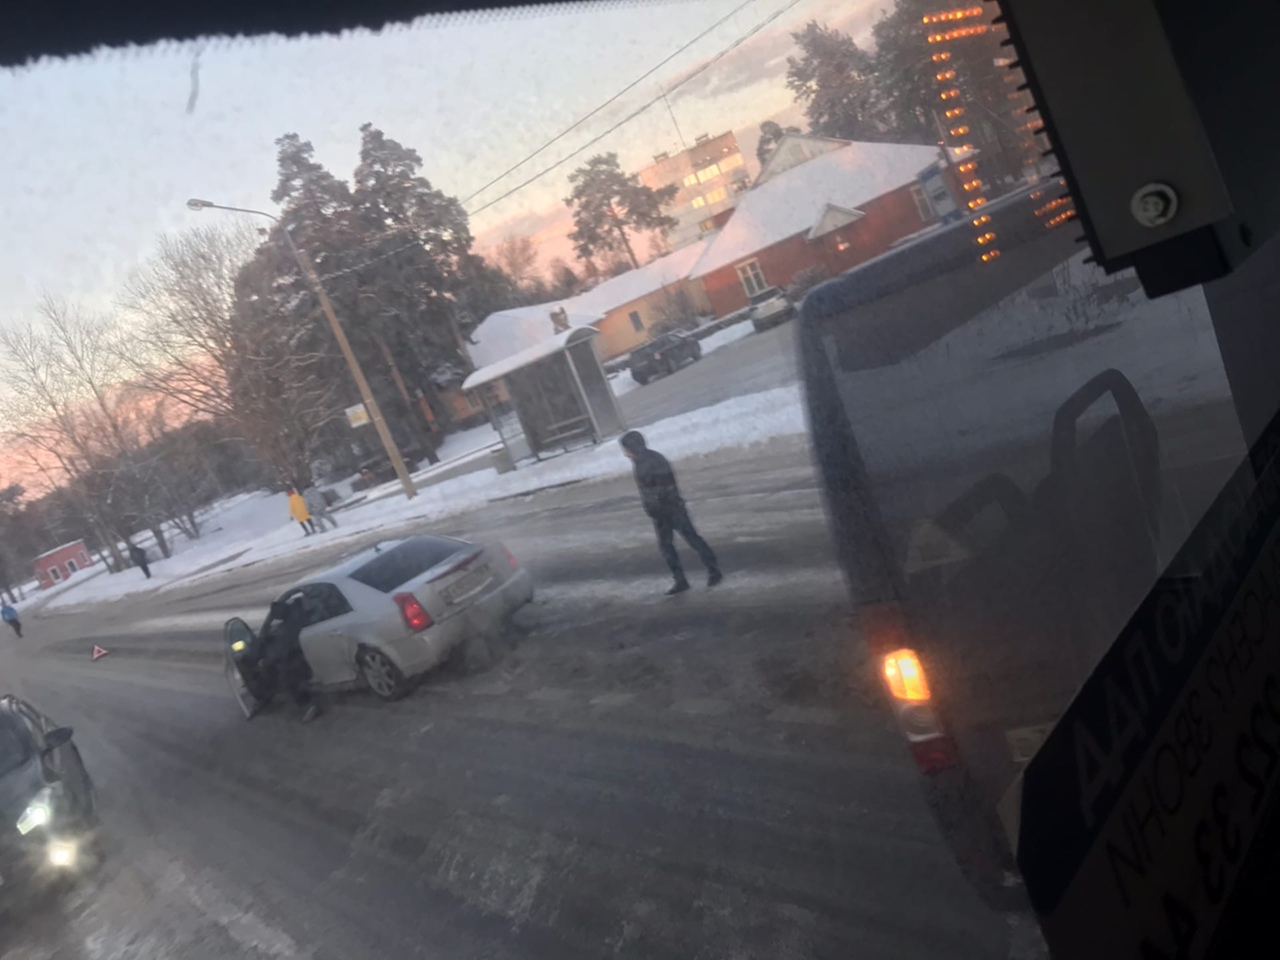 """У автобусной остановке """"ул. Первого мая д. 109"""" столкнулись РЕUGЕОТ ВОХЕR и Cadillac."""